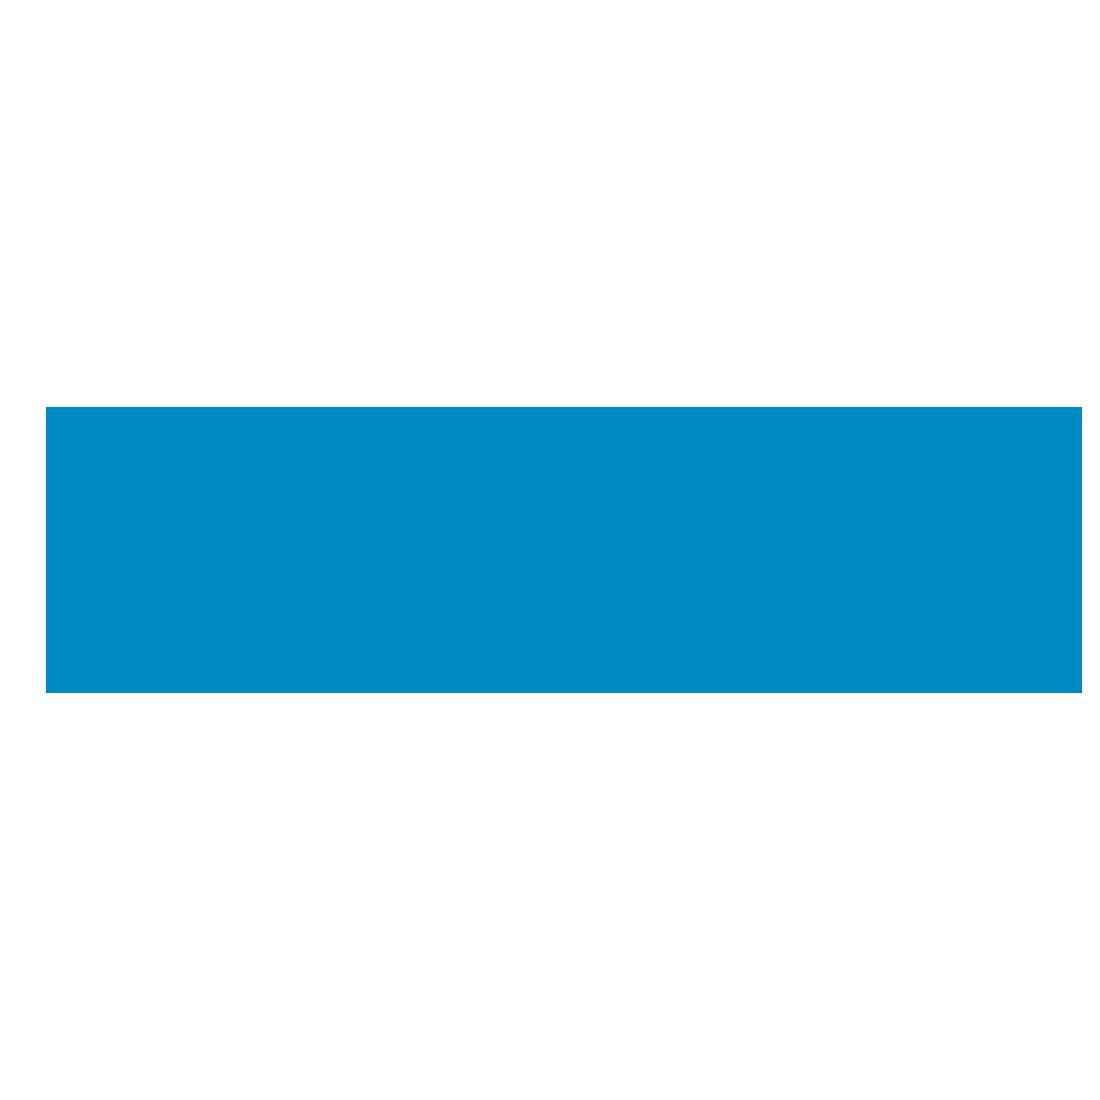 alfaview - Video Conferencing Systems - Vorteilspaket